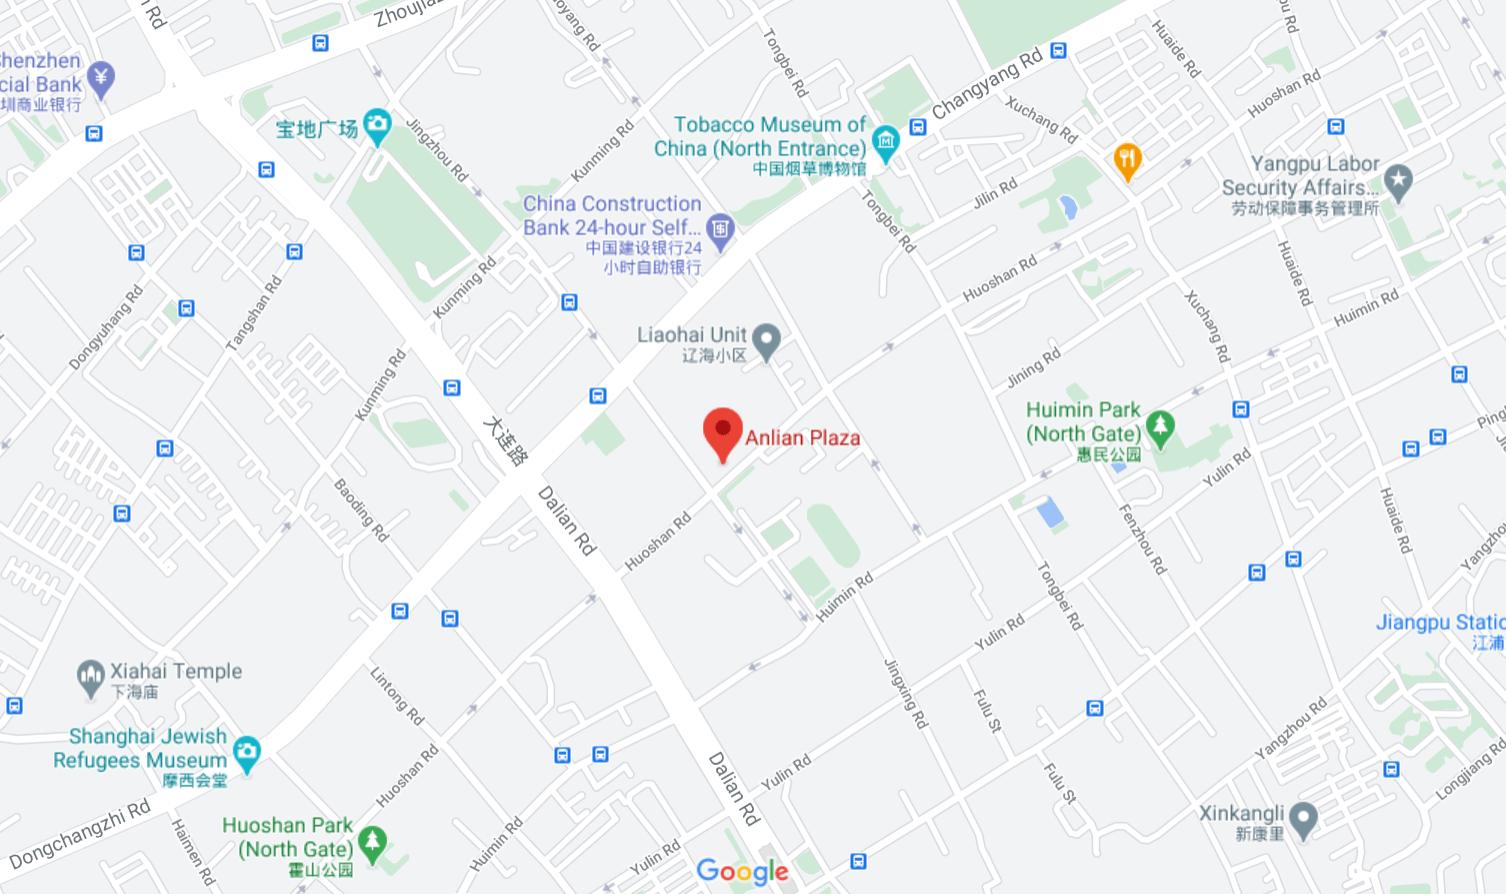 Zilliz Address